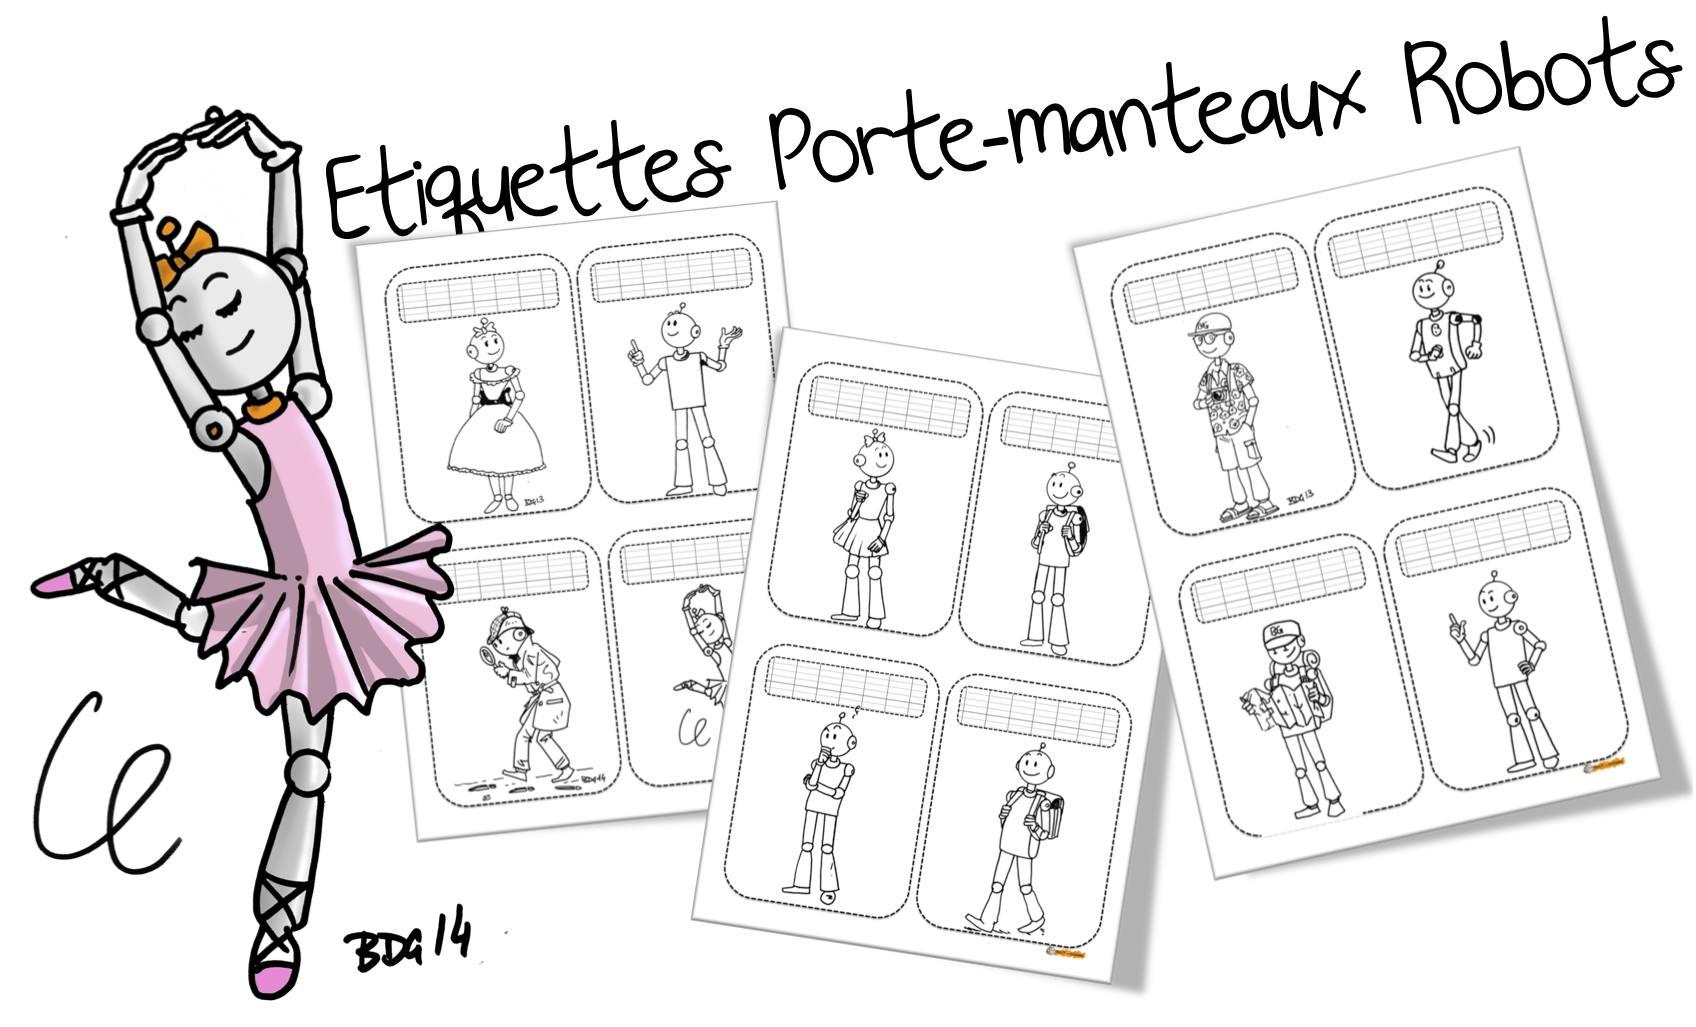 Etiquettes Porte Manteaux Robots